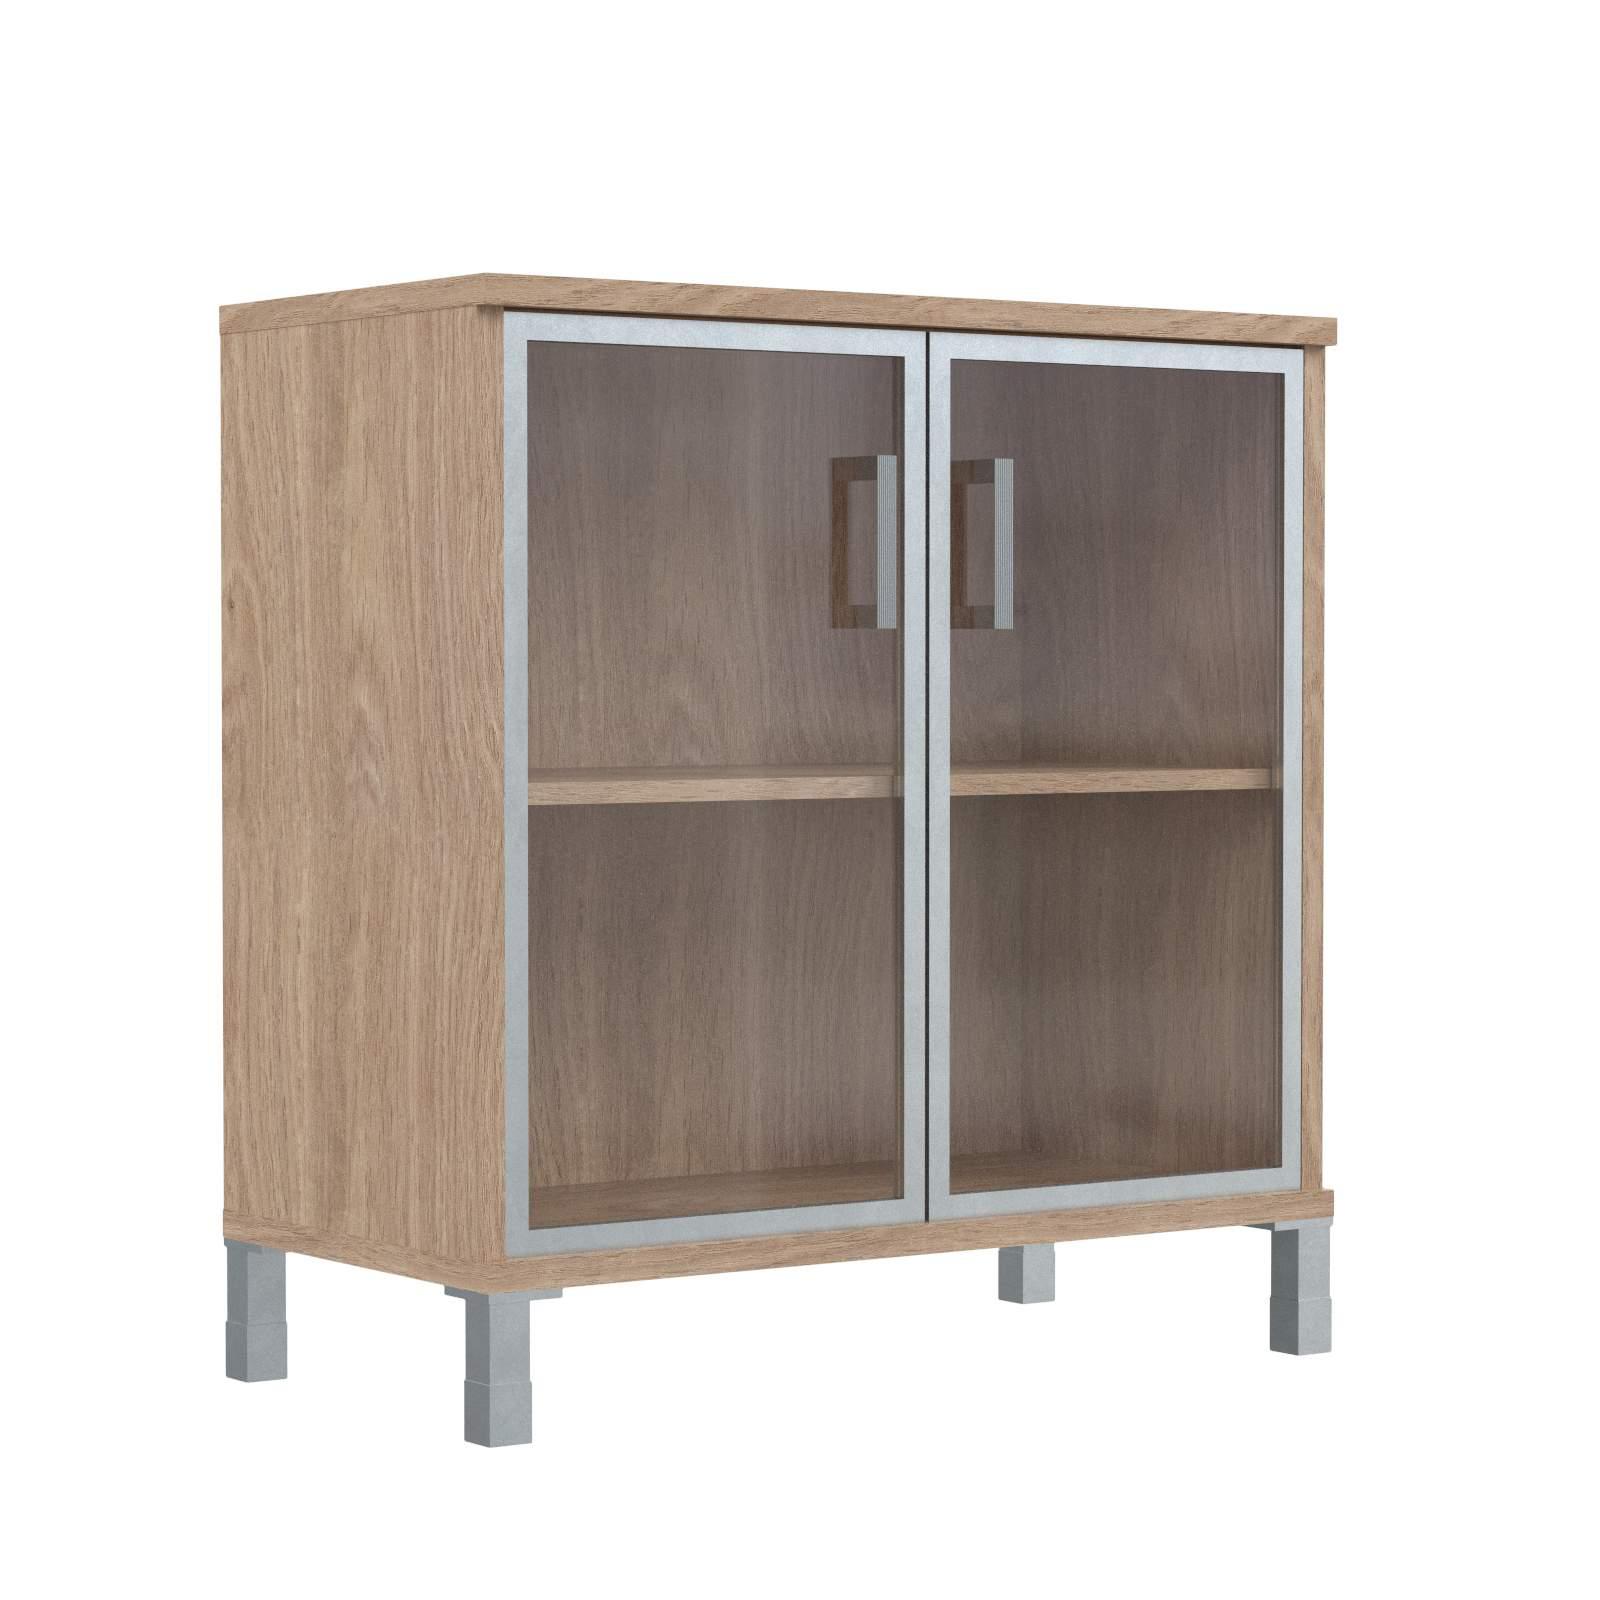 Шкаф низкий со стеклянными дверьми в алюм. рамке 900х435х870